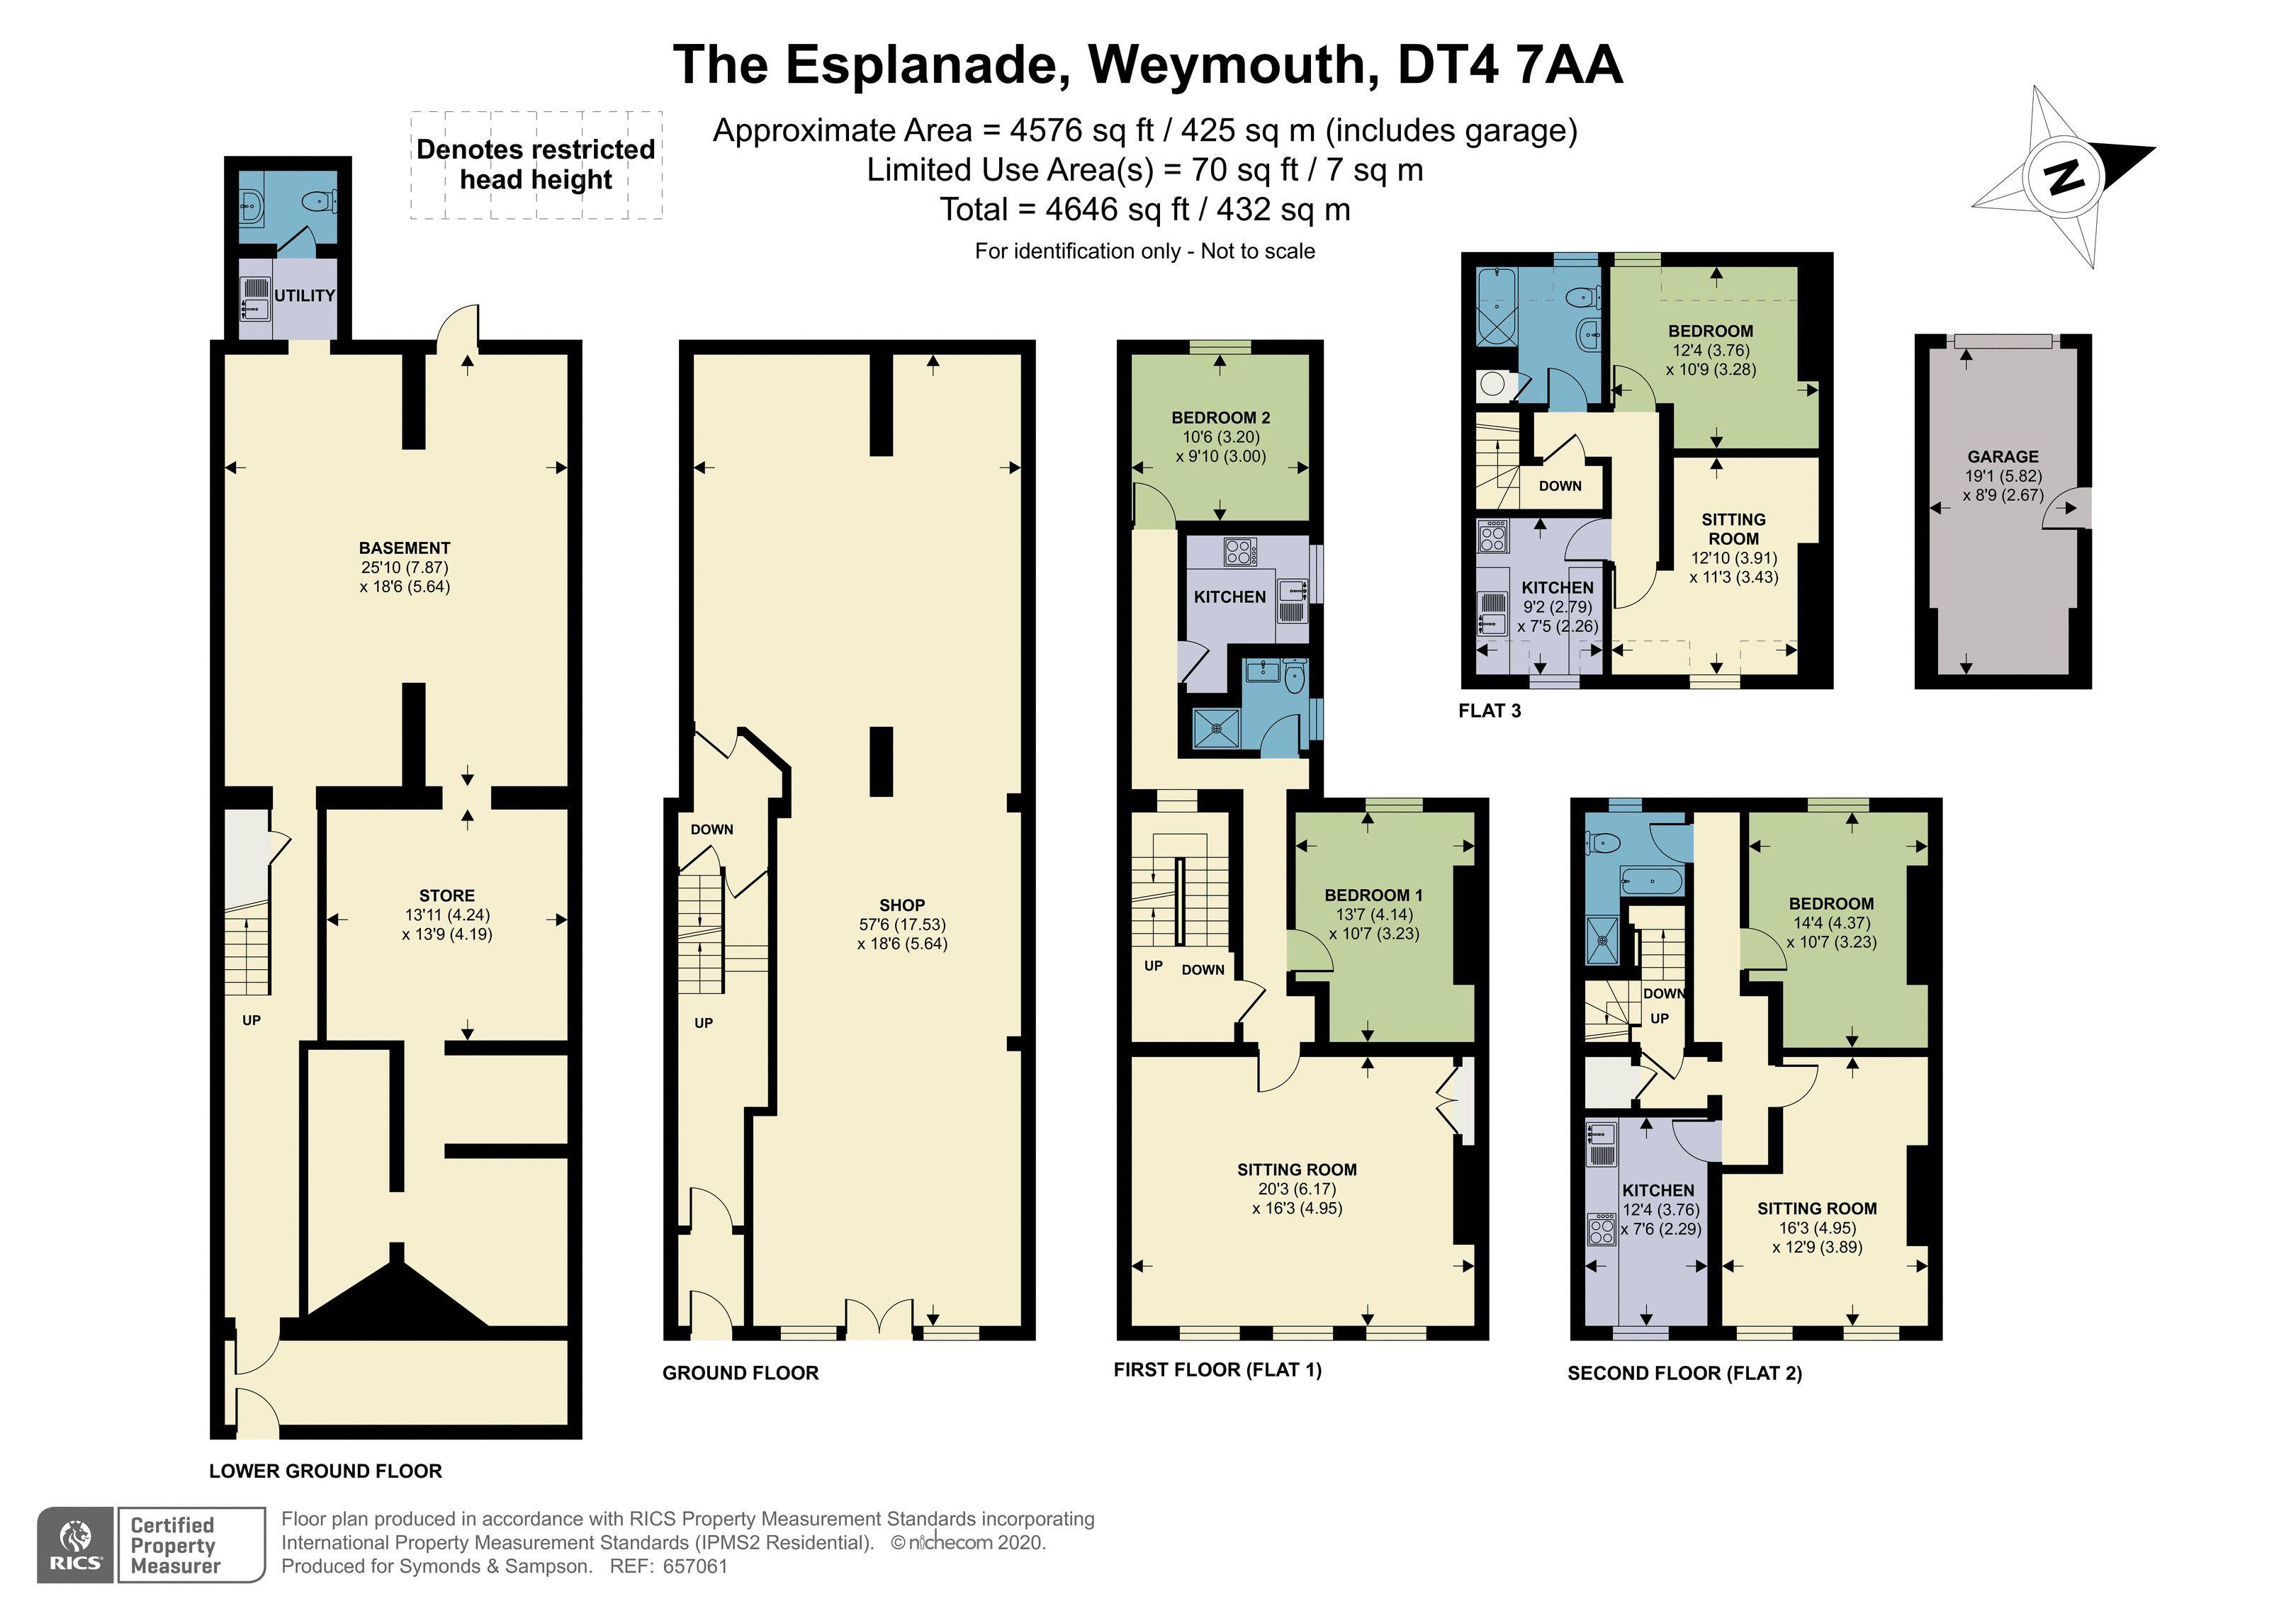 Floorplan - The Esplanade, Weymouth, Dorset, DT4 7AA